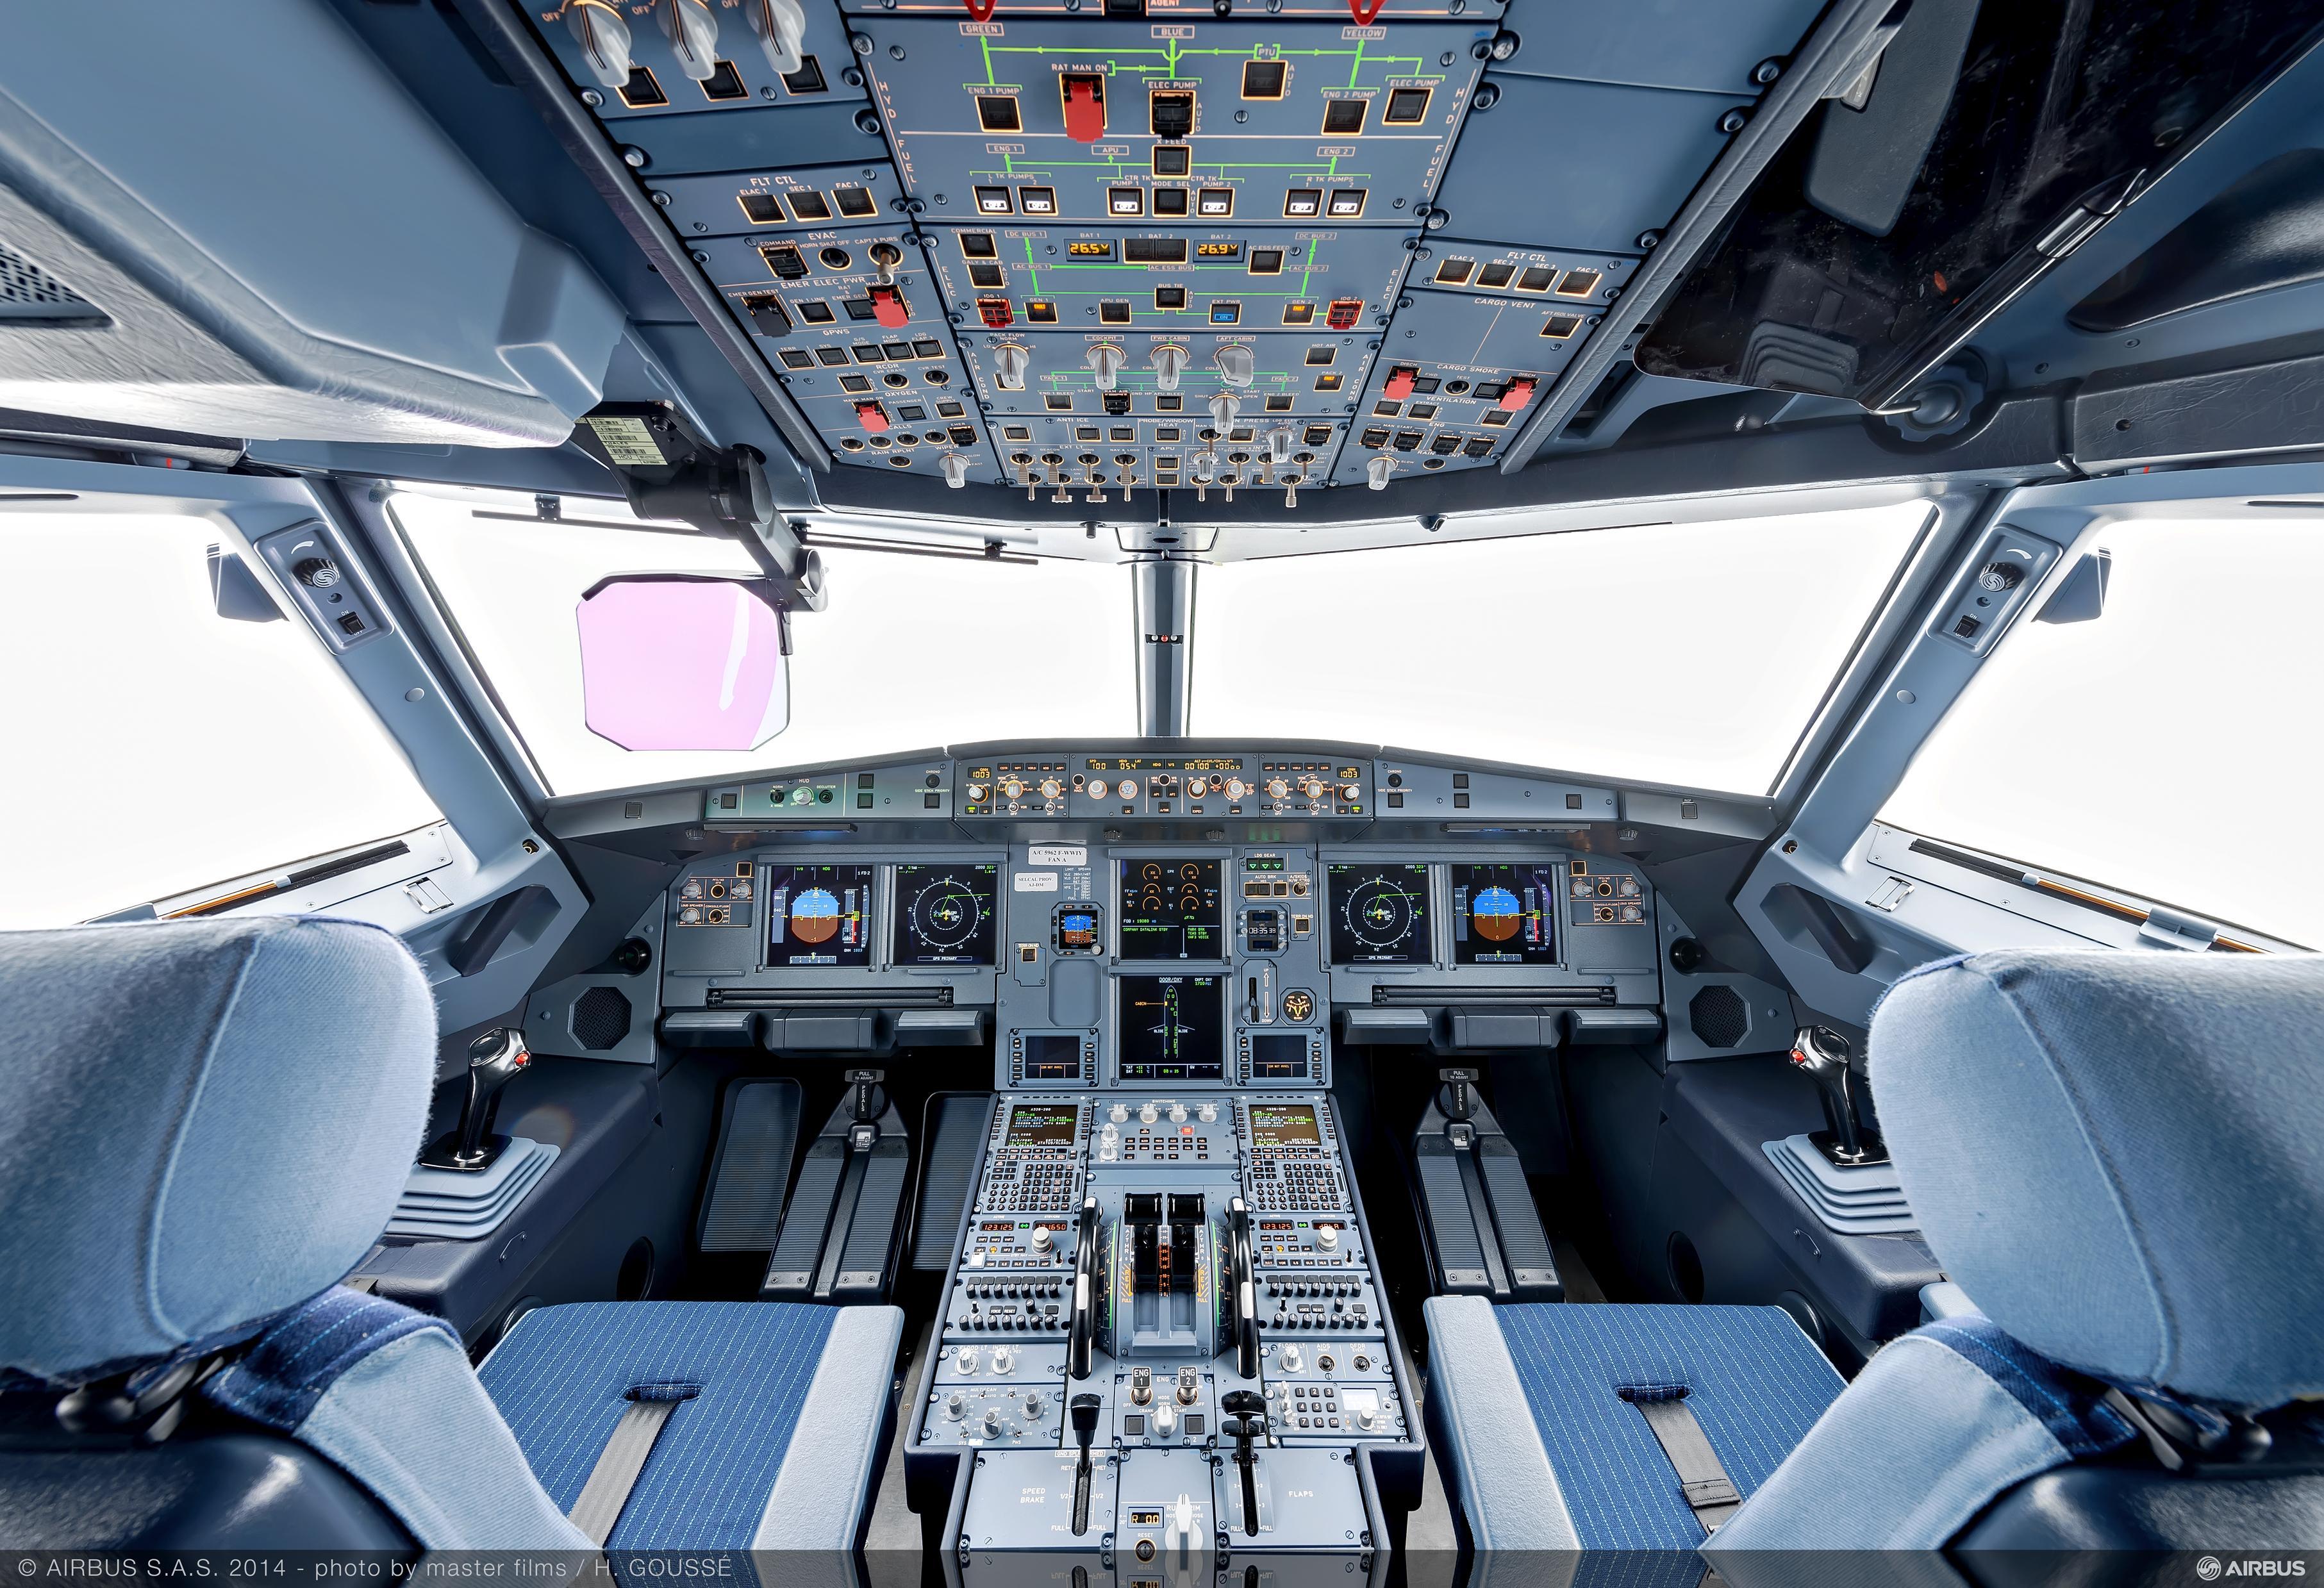 گلگت بلتستان کی ہونہار طالبہ ایمن عامر نے پرائیویٹ پائلٹ کی لائسنس حاصل کر لی